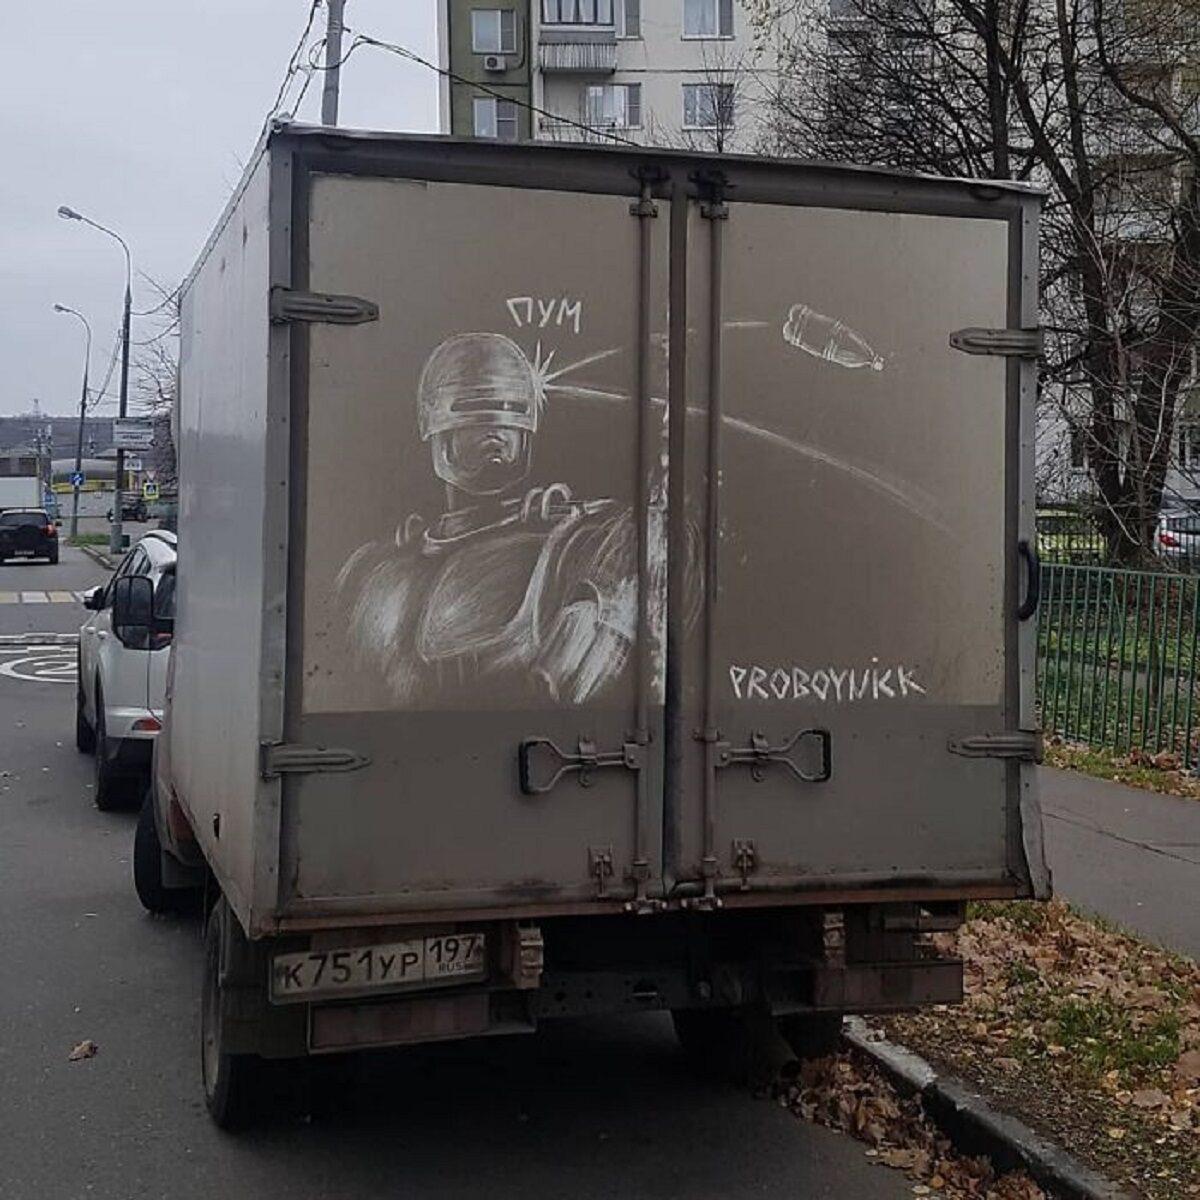 Nikita Golubev artista russa cria desenhos incriveis em caminhoes e tecnica chama atencao 11